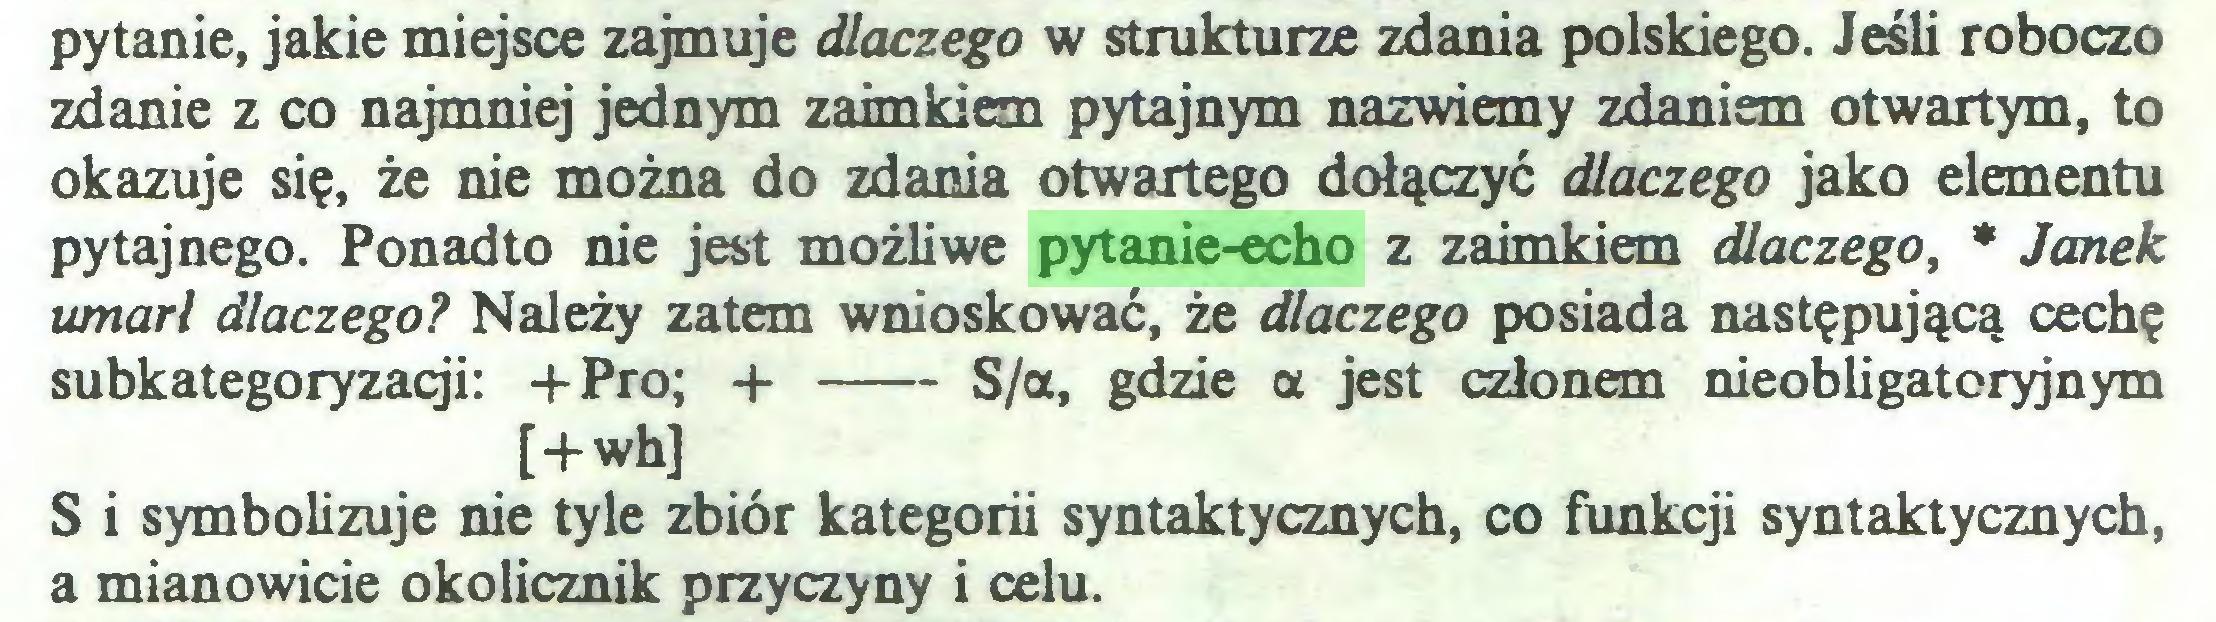 (...) pytanie, jakie miejsce zajmuje dlaczego w strukturze zdania polskiego. Jeśli roboczo zdanie z co najmniej jednym zaimkiem pytajnym nazwiemy zdaniem otwartym, to okazuje się, że nie można do zdania otwartego dołączyć dlaczego jako elementu pytaj nego. Ponadto nie jest możliwe pytanie-echo z zaimkiem dlaczego, * Janek umarł dlaczego? Należy zatem wnioskować, że dlaczego posiada następującą cechę subkategoryzacji: + Pro; + S/a, gdzie a jest członem nieobligatoryjnym [+wh] S i symbolizuje nie tyle zbiór kategorii syntaktycznych, co funkcji syntaktycznych, a mianowicie okolicznik przyczyny i celu...